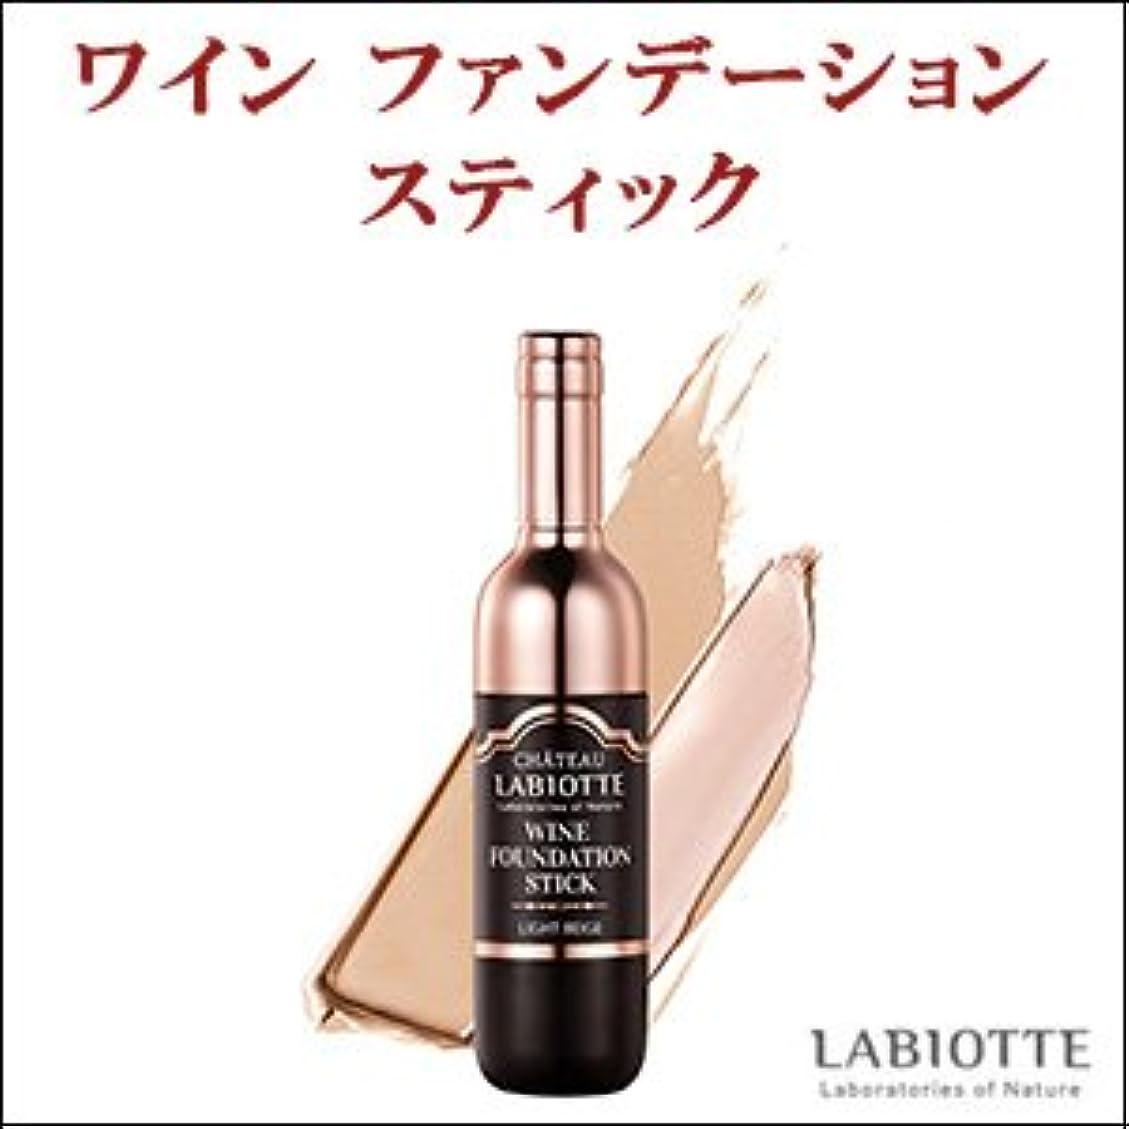 信頼対象ワイドLABIOTTE シャトー ラビオッテ ワイン ファンデーション スティック カラー:P21 ピンクベージュ